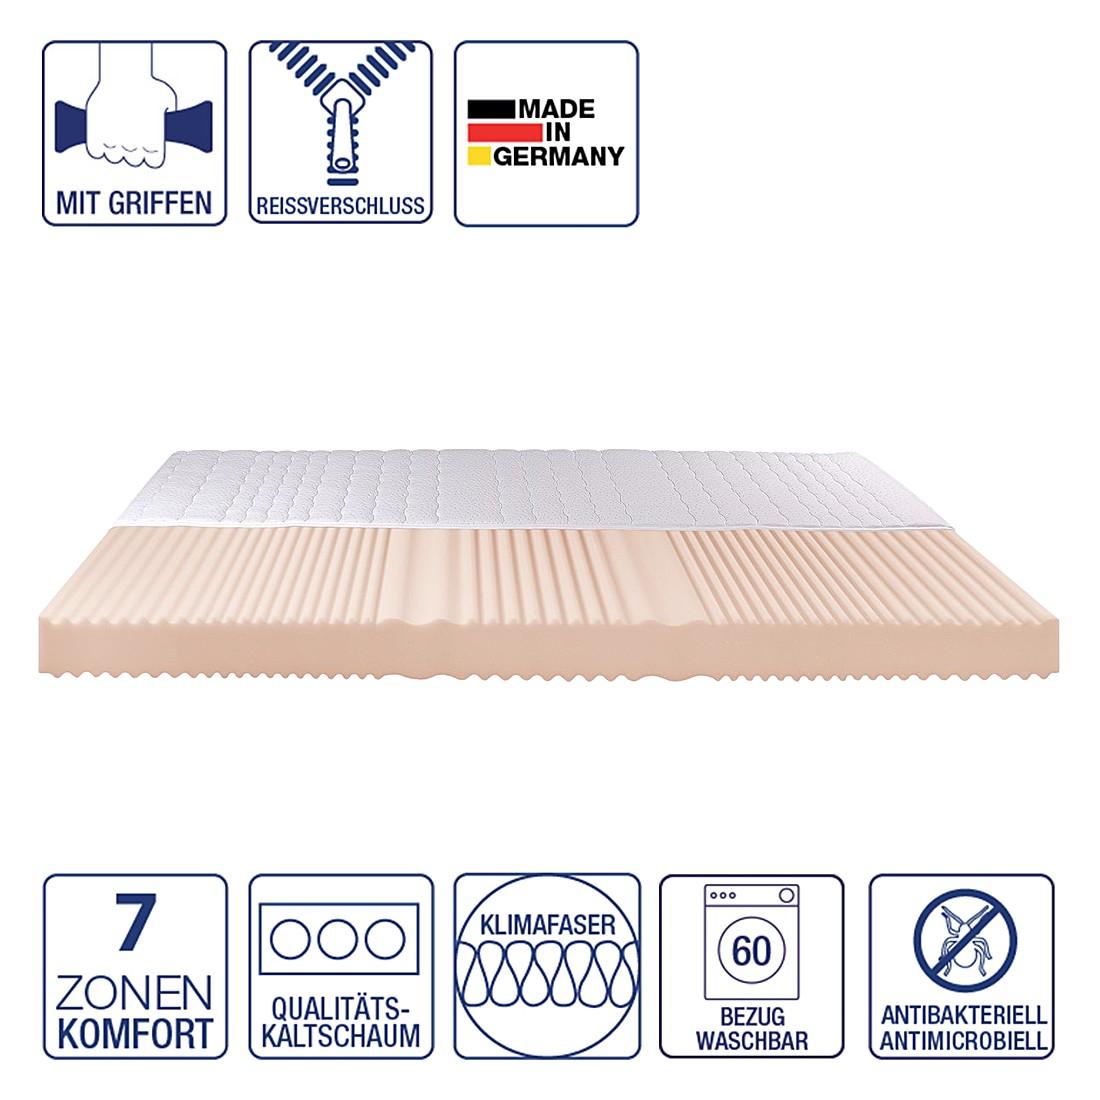 7 zonen kaltschaummatratze luna 80 x 200cm h2 bis 80 kg nova dream sleepline g nstig bestellen. Black Bedroom Furniture Sets. Home Design Ideas